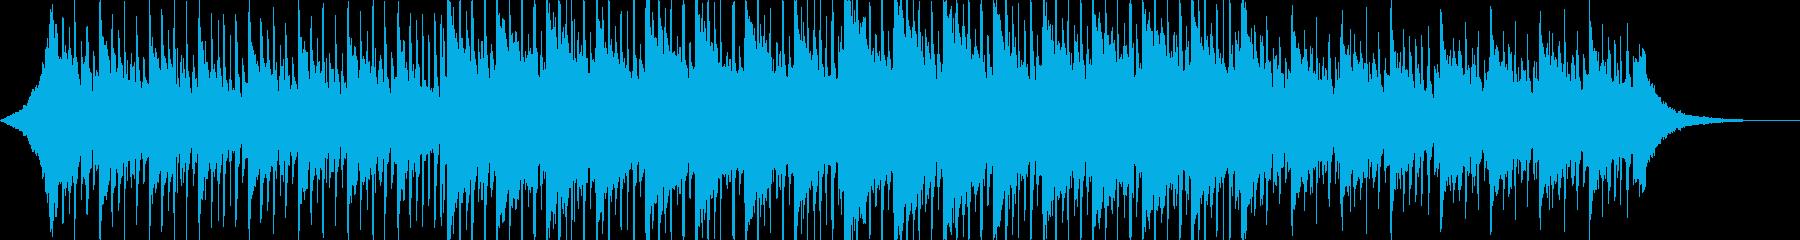 企業VP、会社紹介、爽やか、ITの再生済みの波形